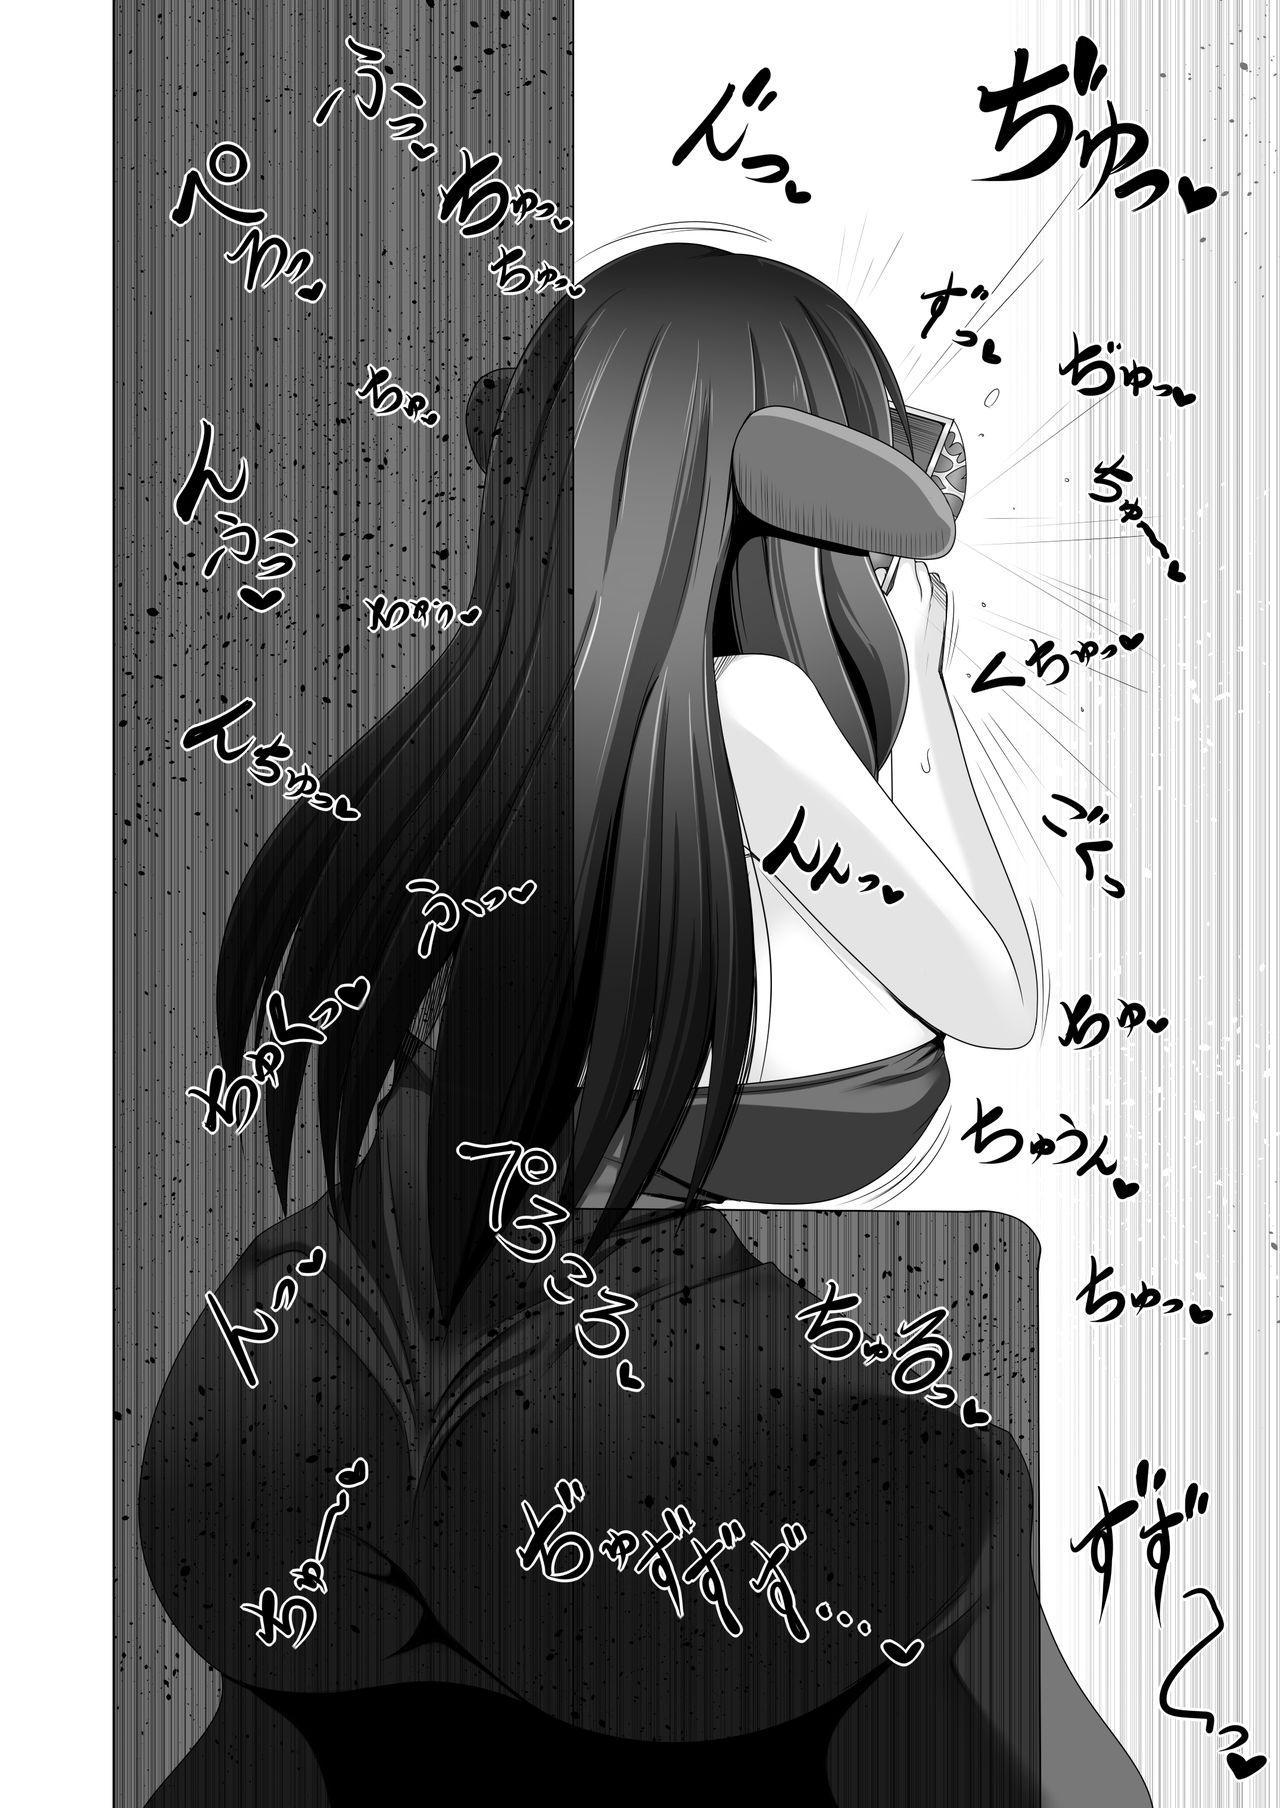 Seirei no Kago no Chikara de nan do mo Fukkatsu shite kita Yūsha wa Maō ni yotte KuriBOX ni sarete shi   The Hero who resurrected many times with the power of the Spirit's Blessing is made into a CLITBOX by the Demon King 9